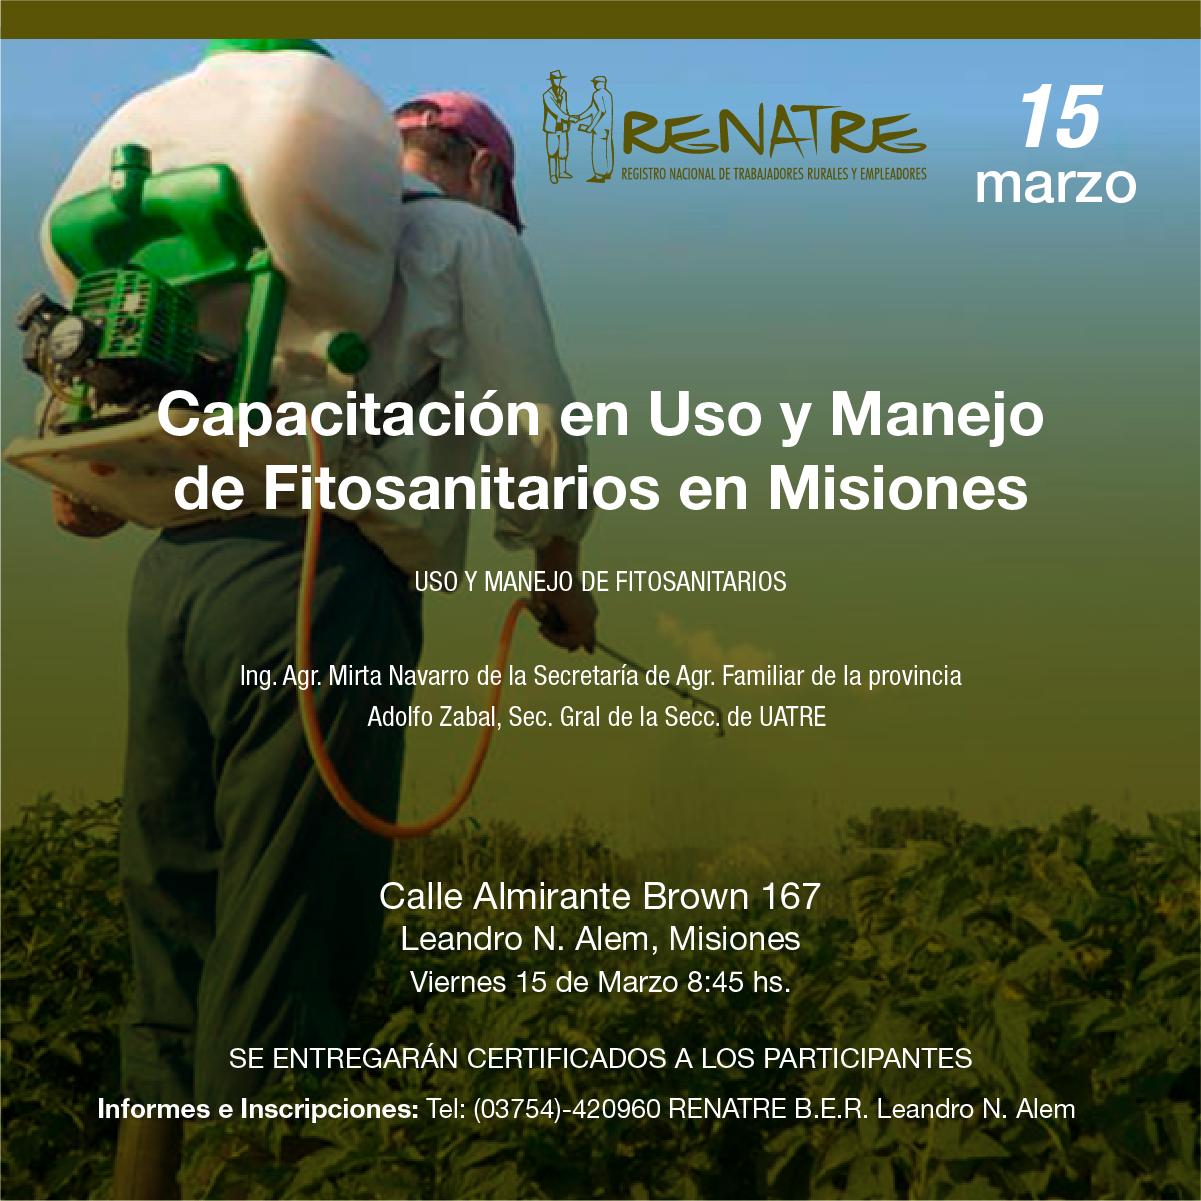 El RENATRE ofrecerá una capacitación en el uso de agentes químicos para trabajadores rurales de Misiones